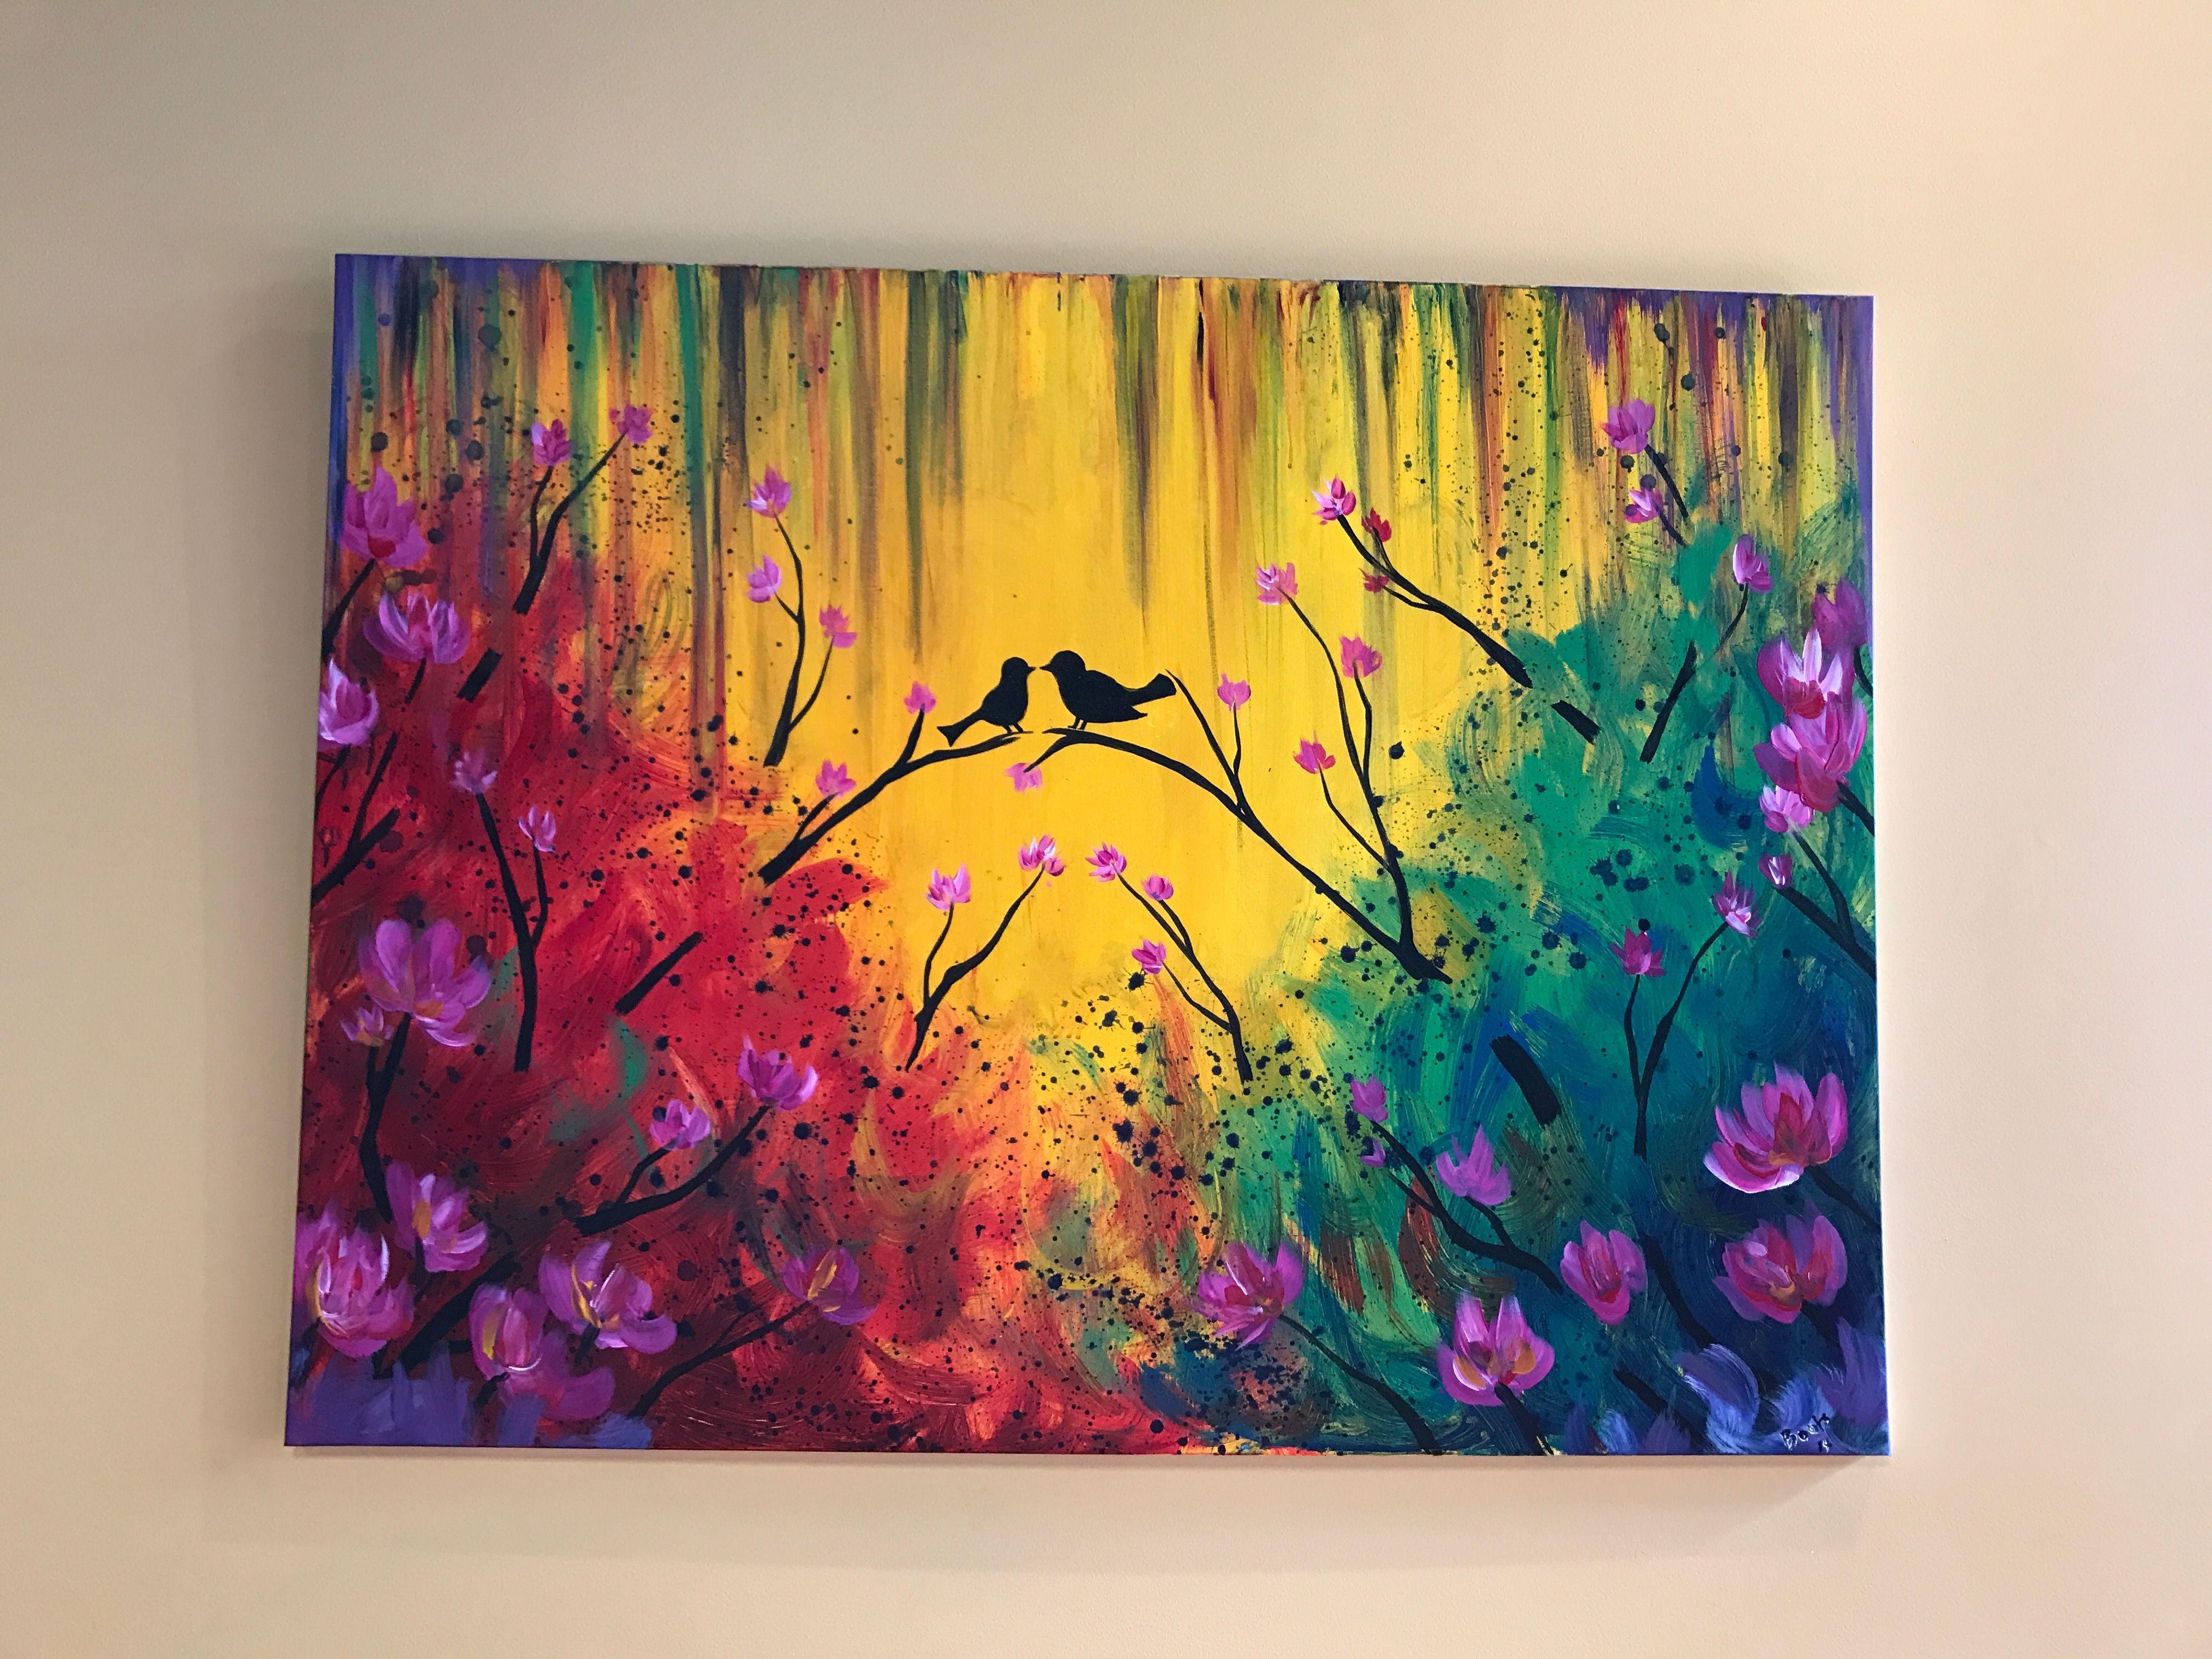 Картинки рисунков акриловыми красками